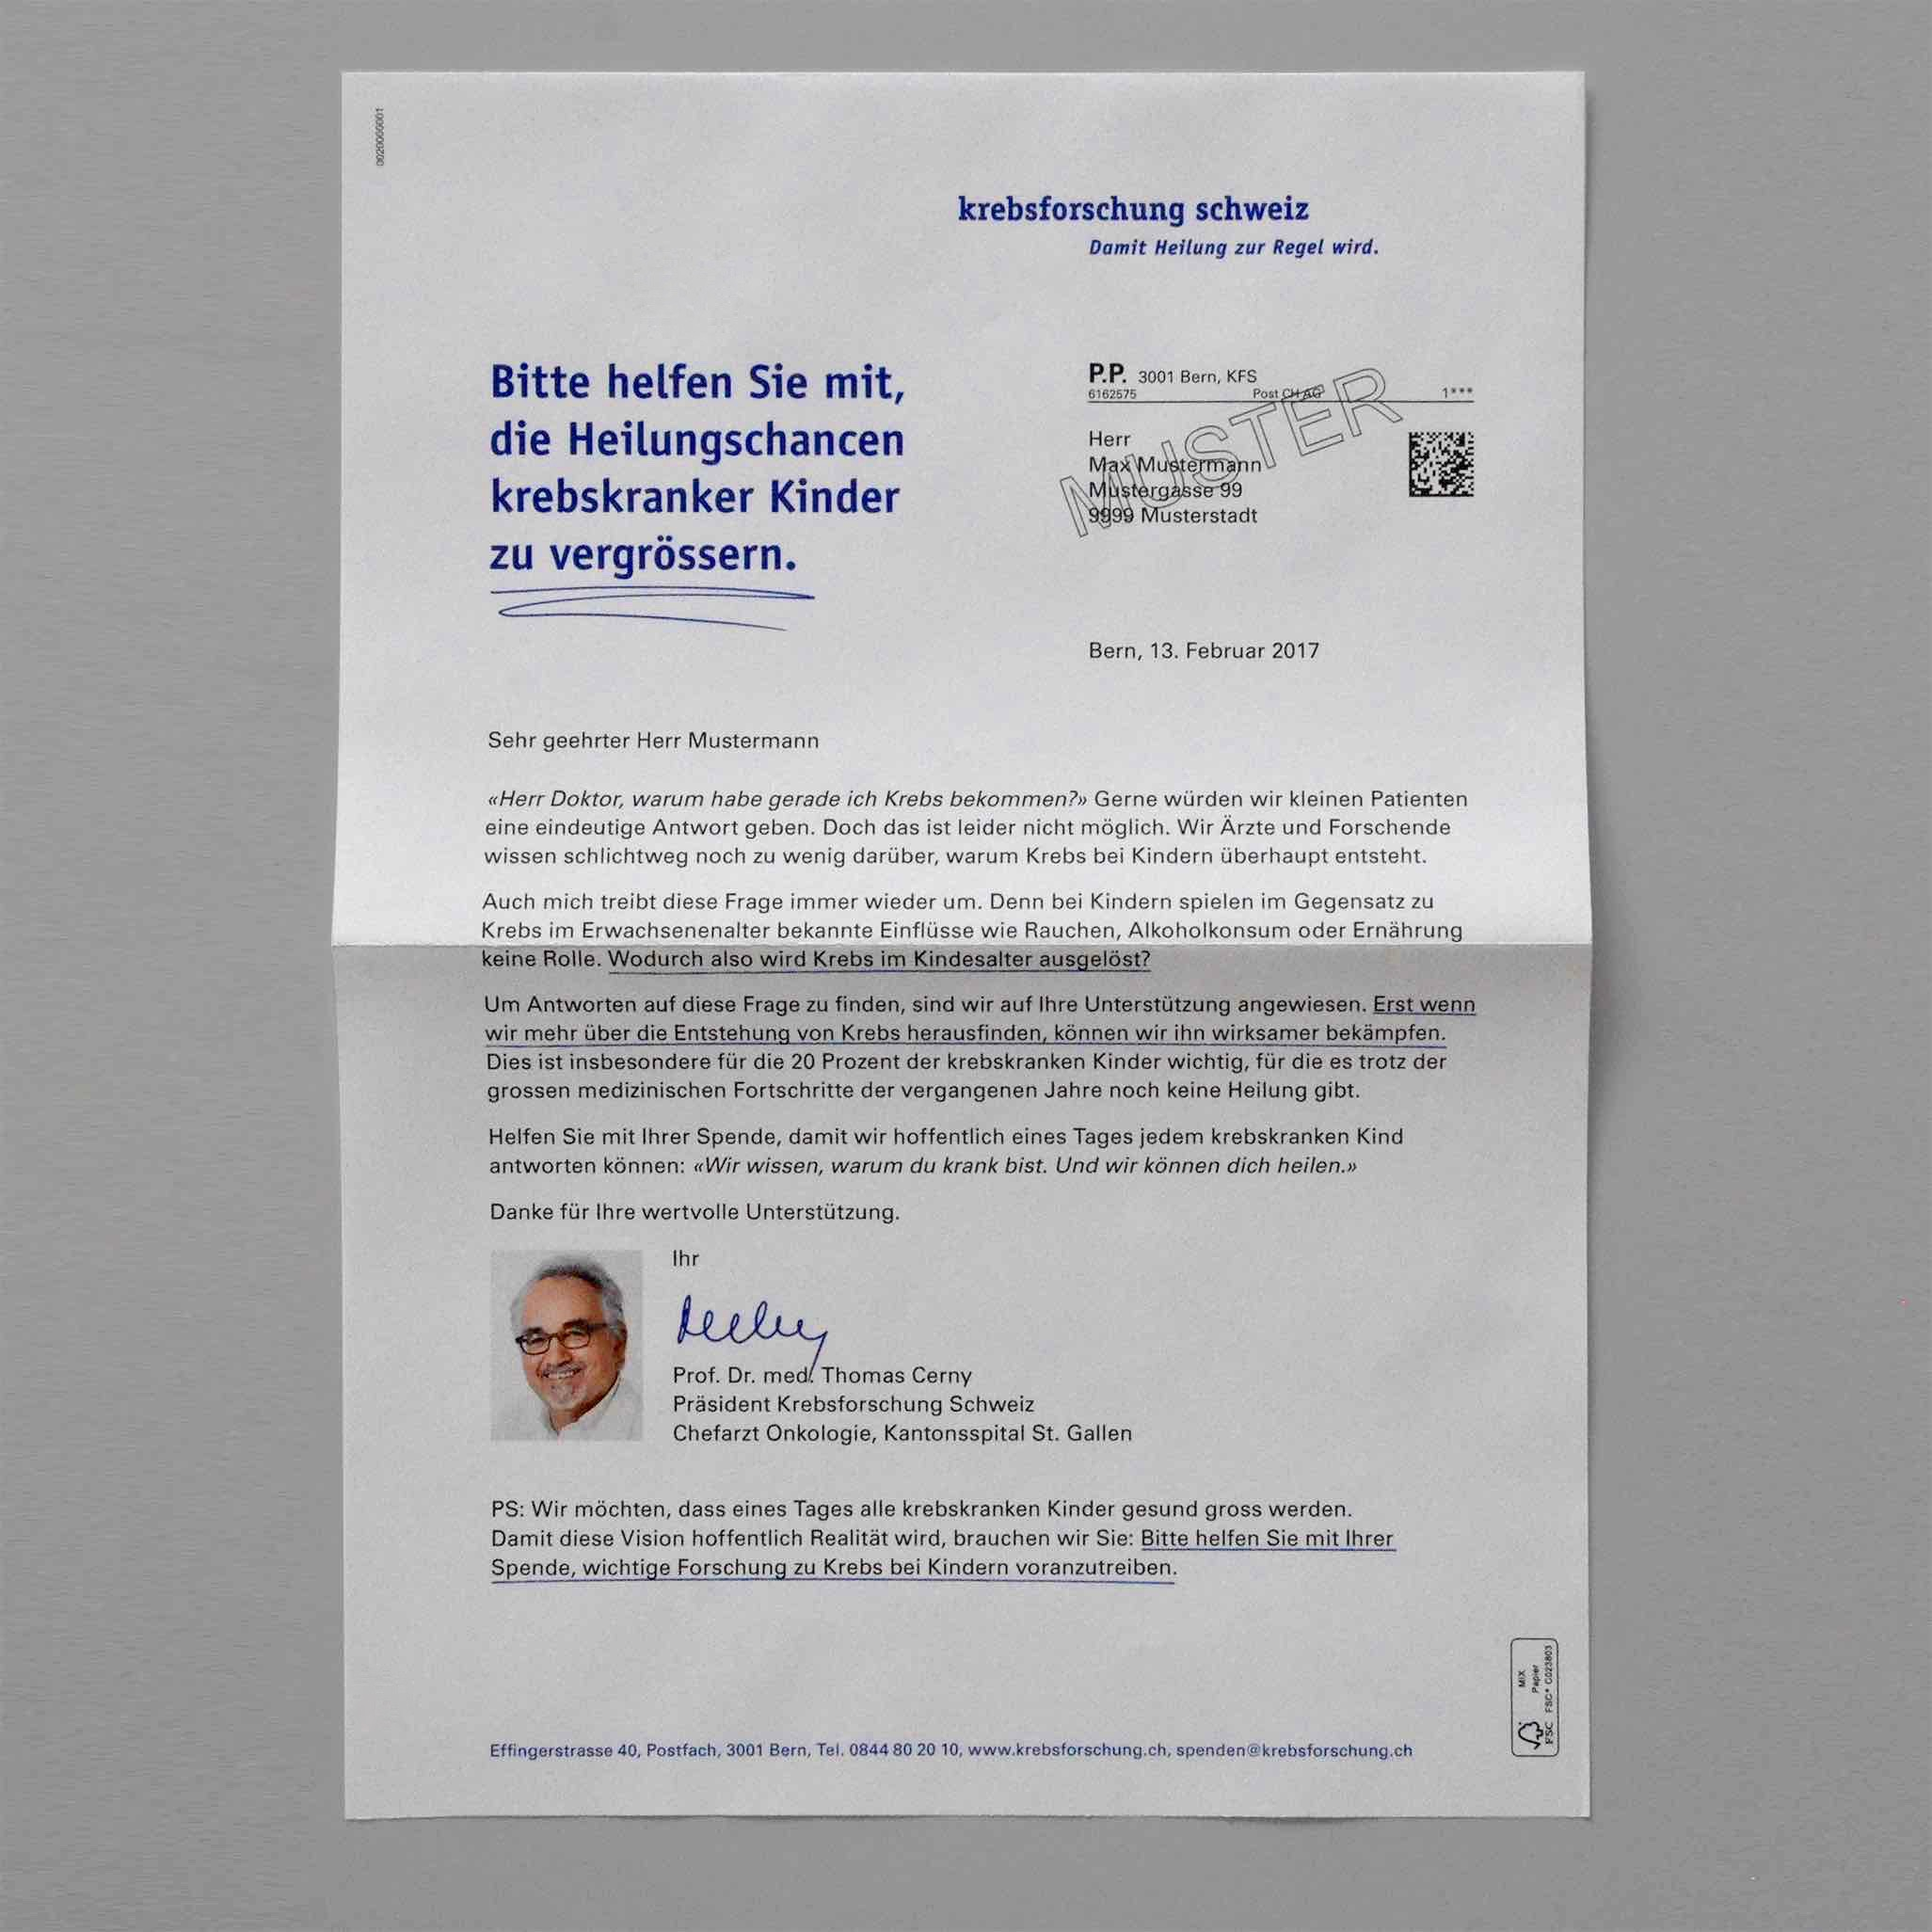 Krebsforschung_Mailing_November2016_2.jpg